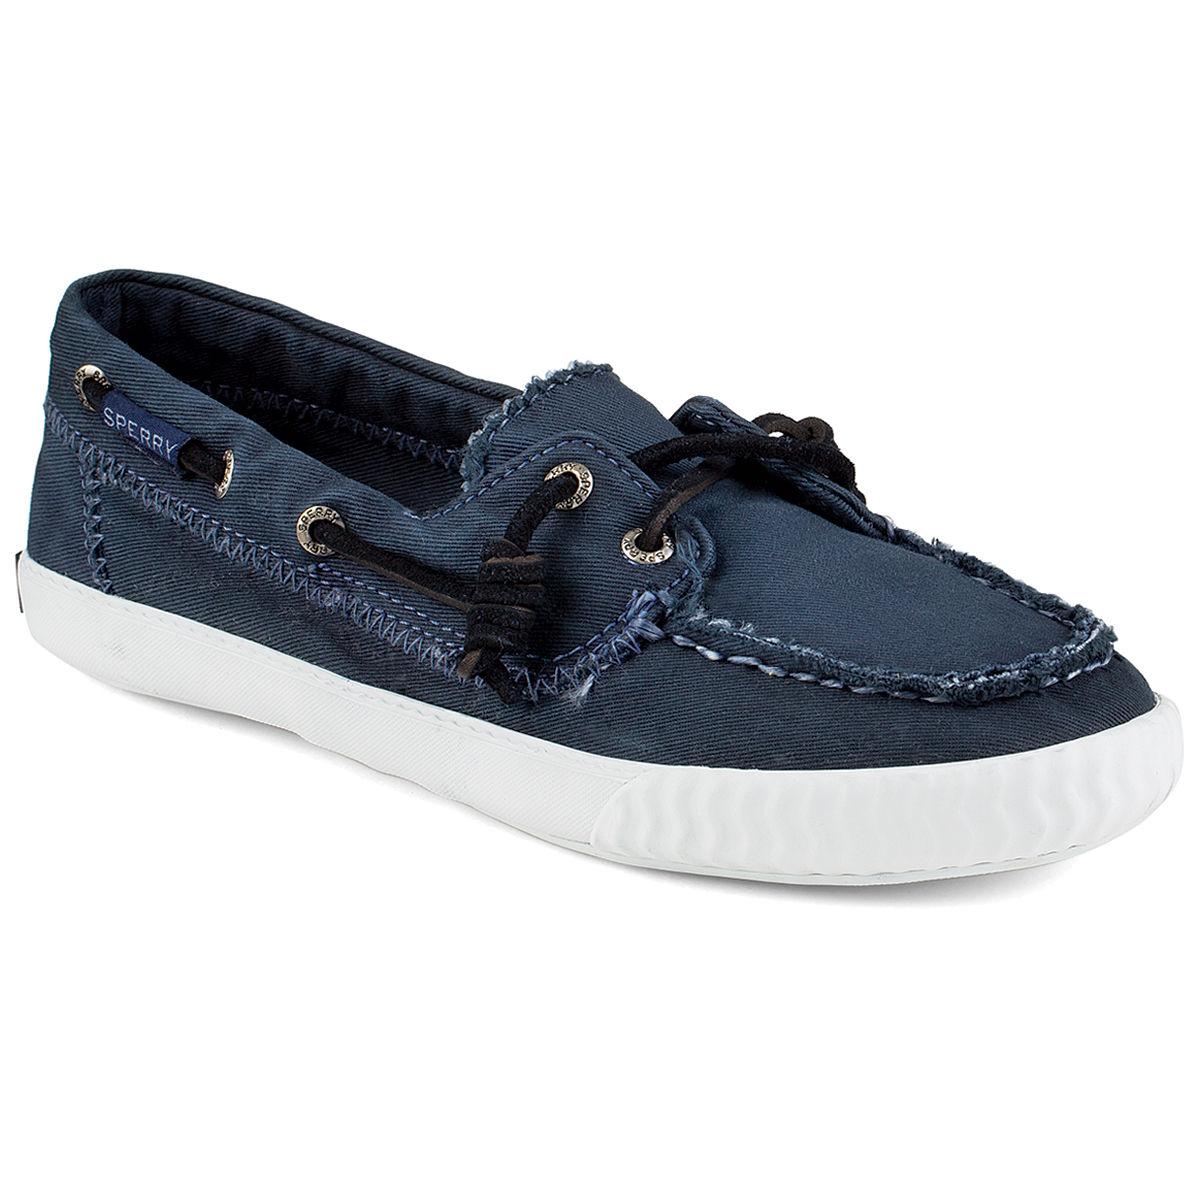 Sperry Women's Sayel Away Boat Shoe Sneakers - Blue, 6